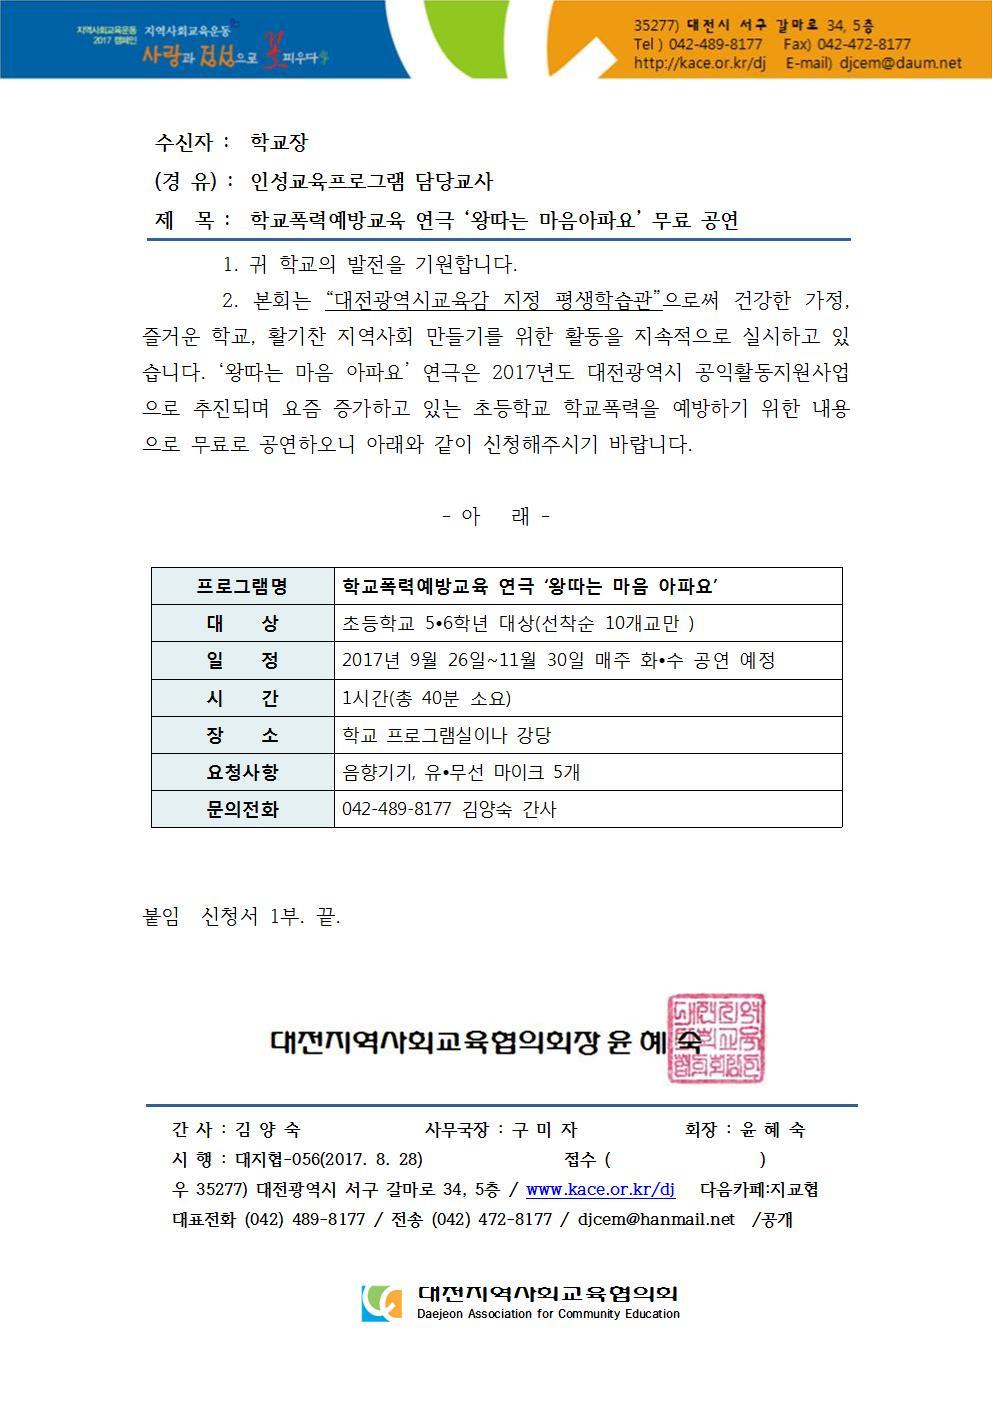 2017-대지협공문-056-2017년 학교폭력예방교육 연극 홍보 공문001.jpg